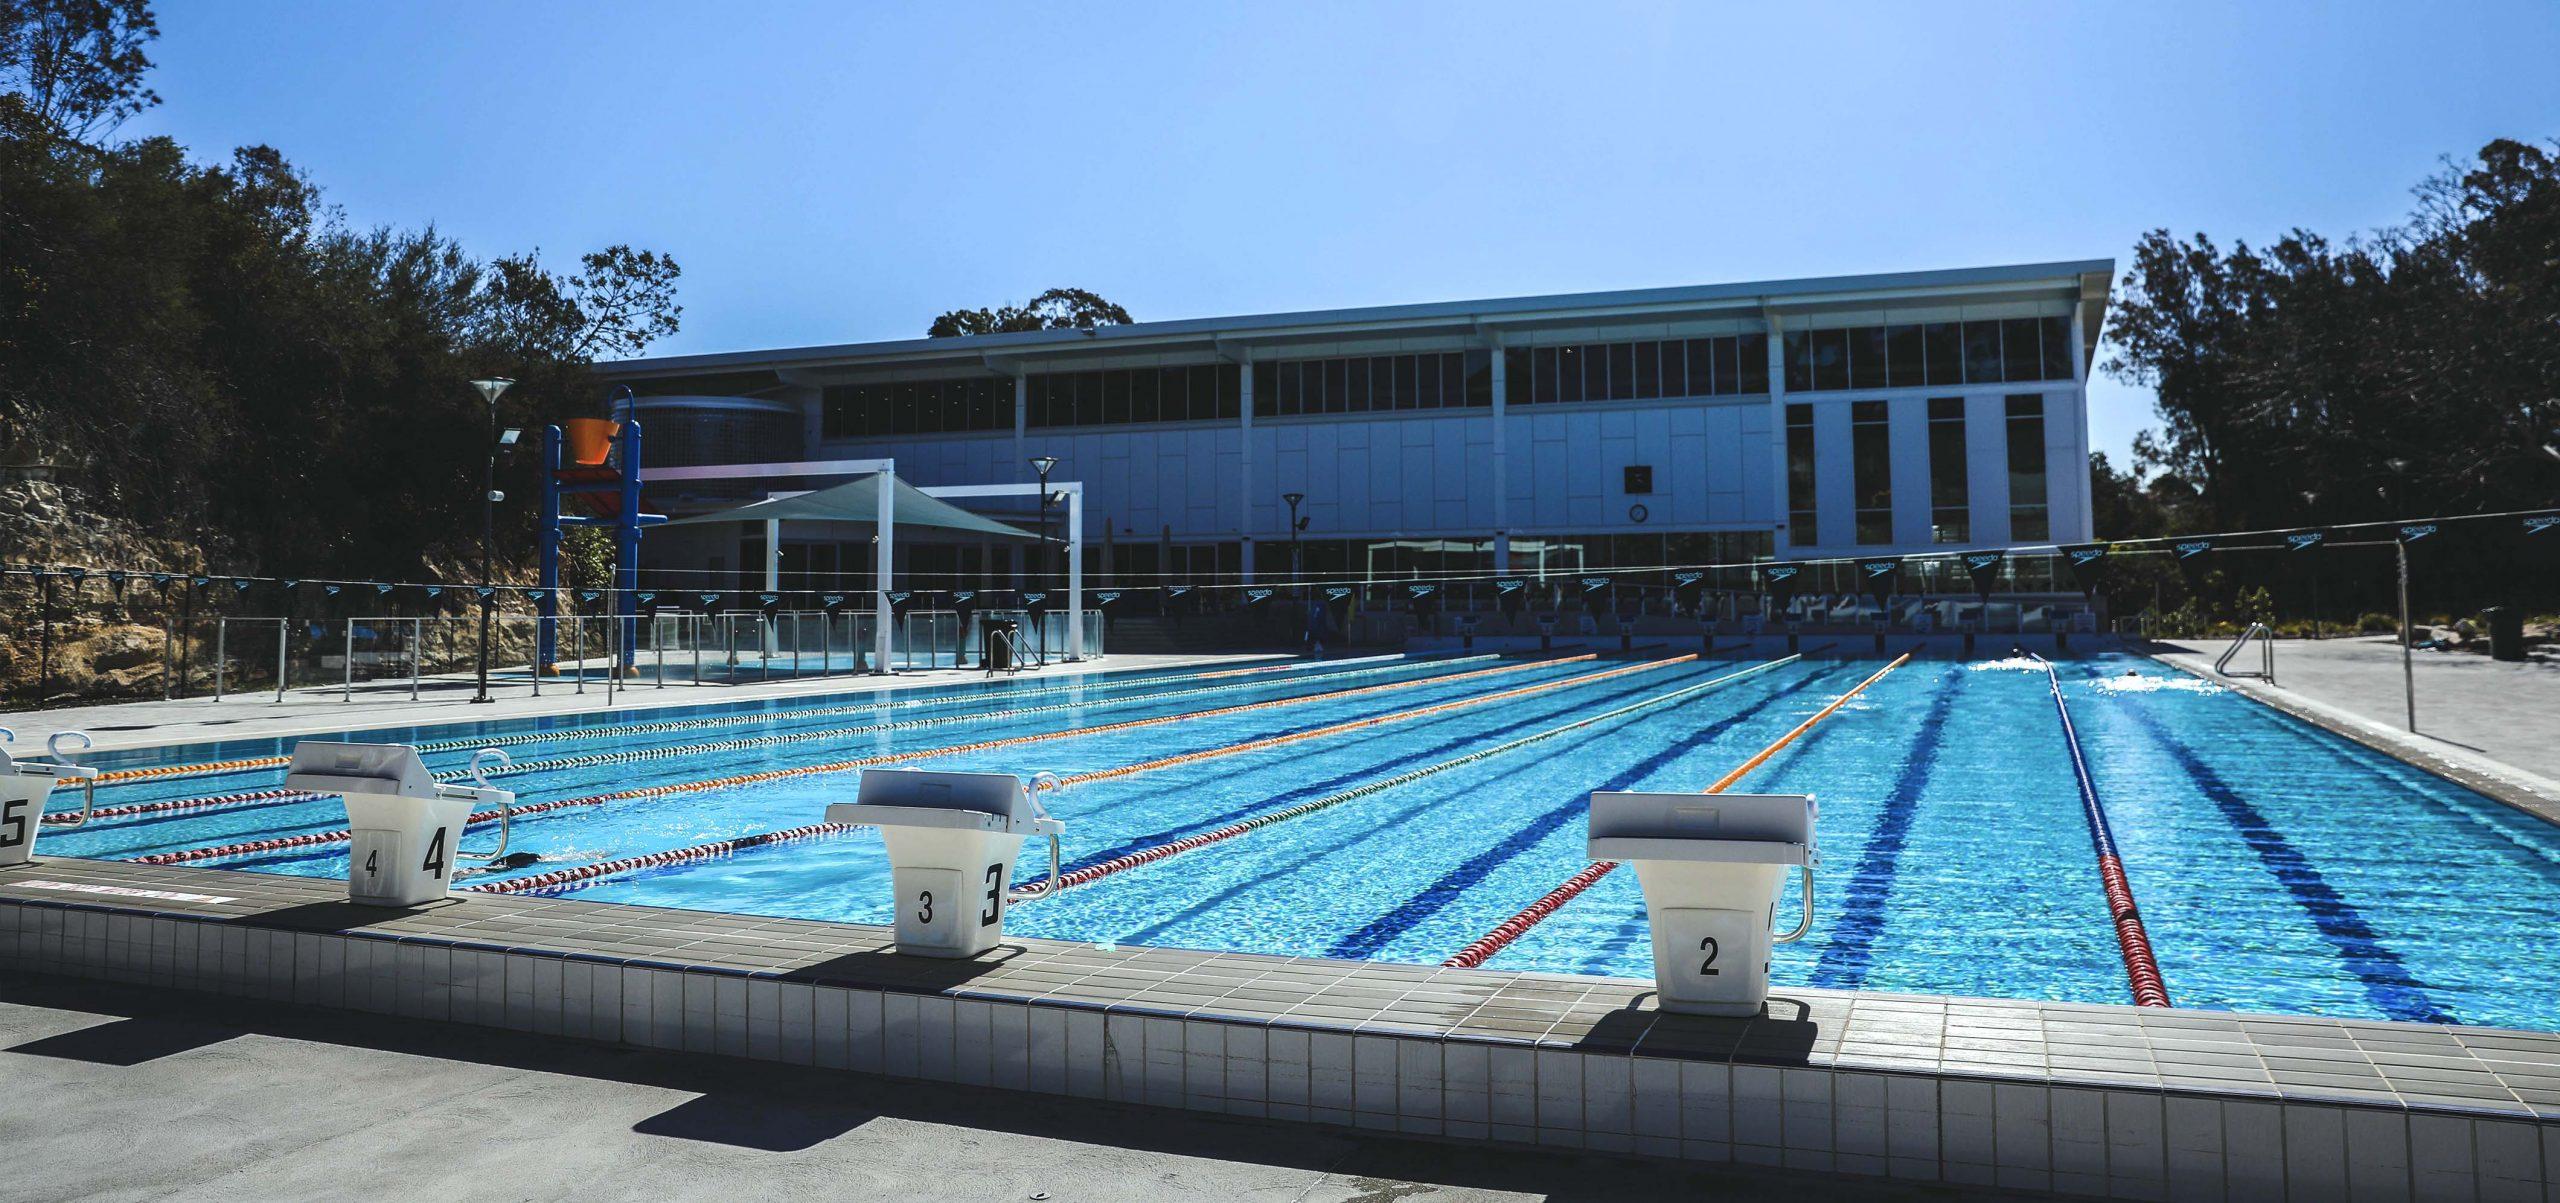 Bexley Pool 2